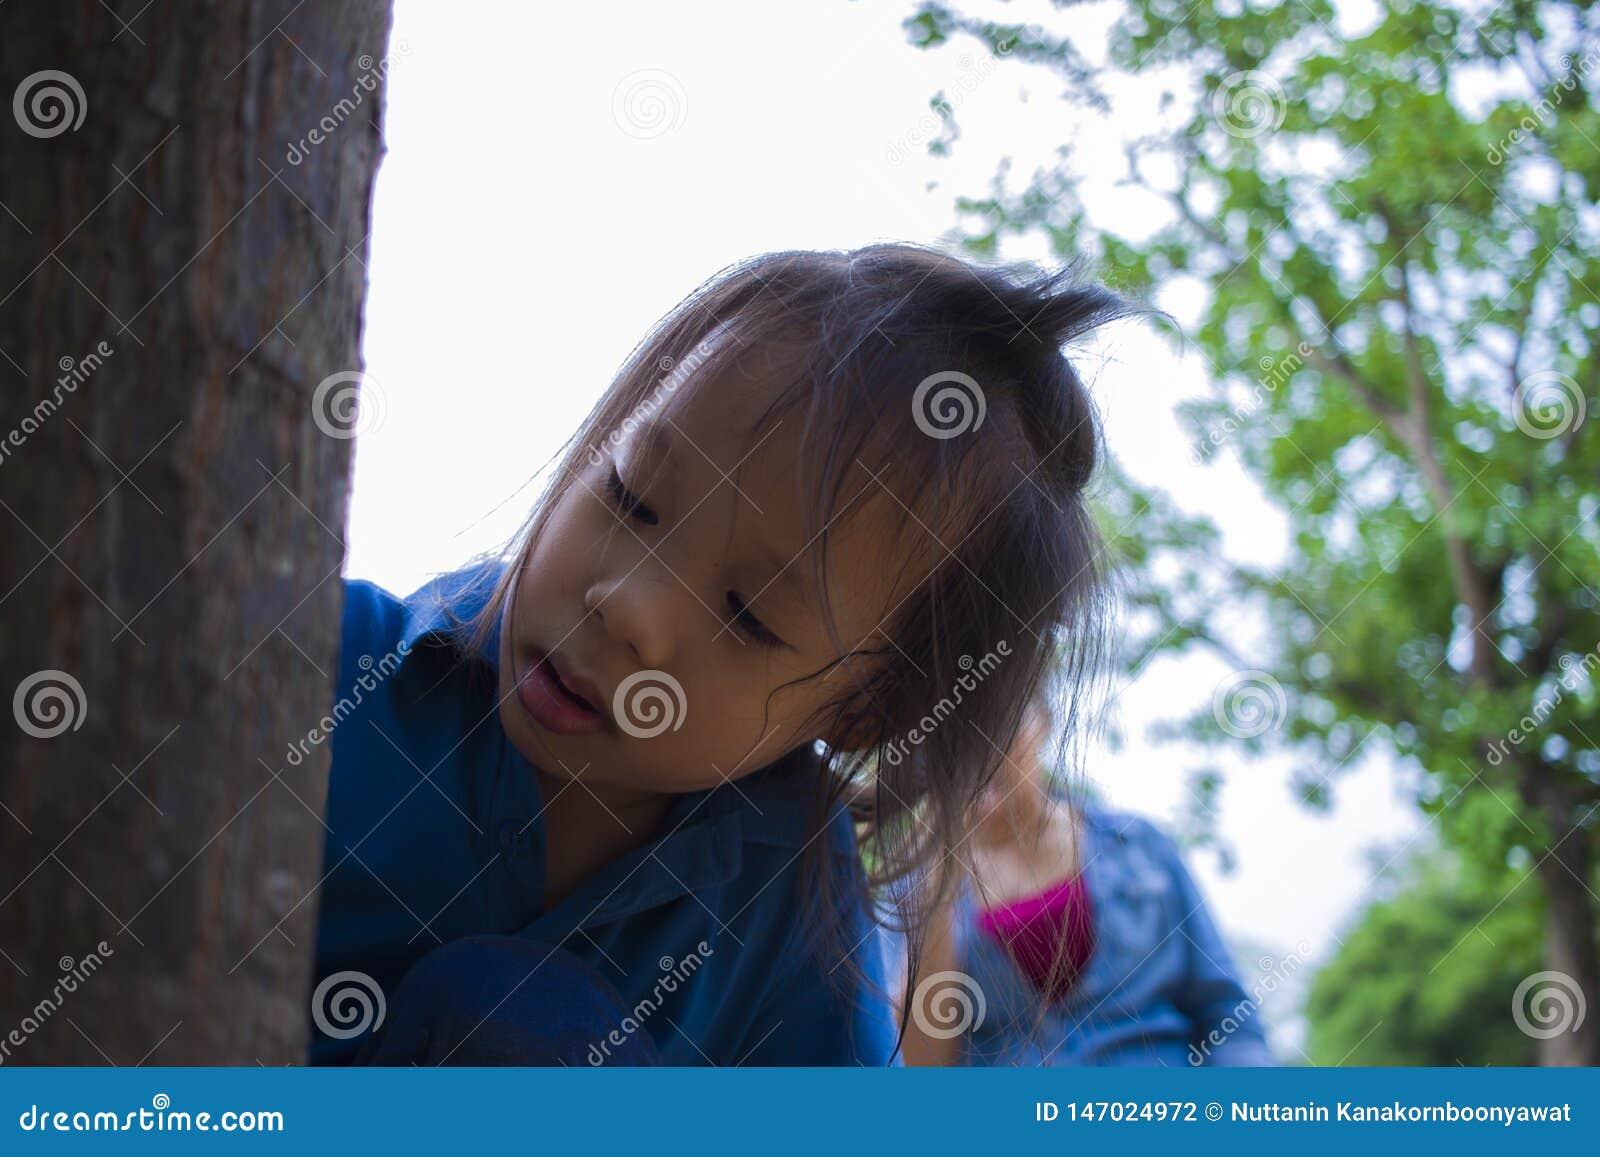 Τα παιδιά που προσπαθούν ταΐζοντας ένα κομμάτι των τροφίμων στο μυρμήγκι, το καλό παιδί της Ασίας που κρατά τρόφιμα και προσπαθού